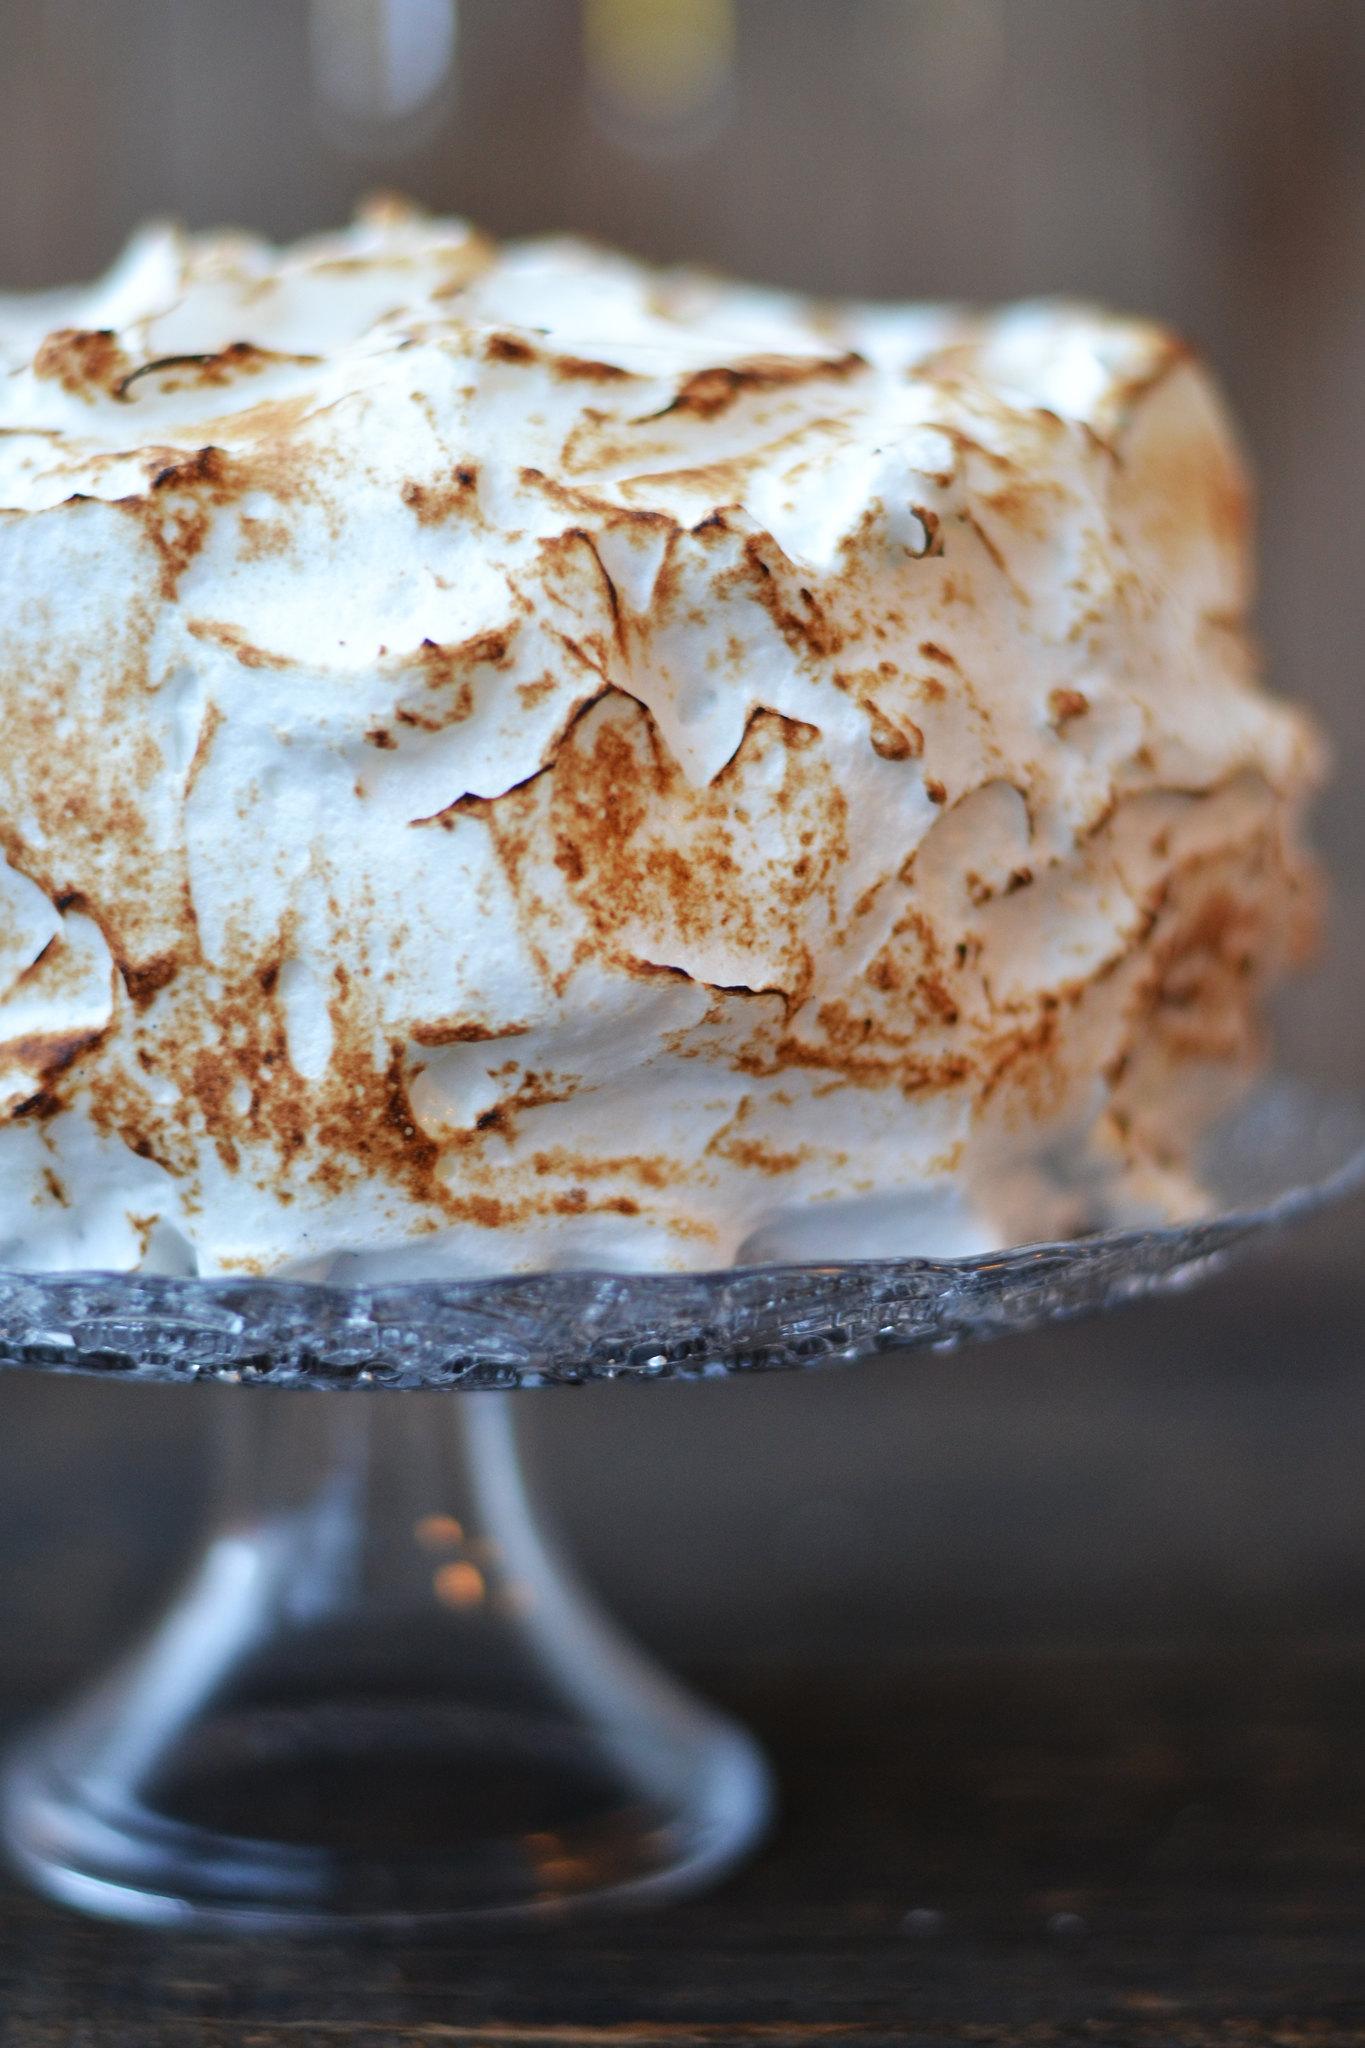 tort cu bezea caramelizata (4)